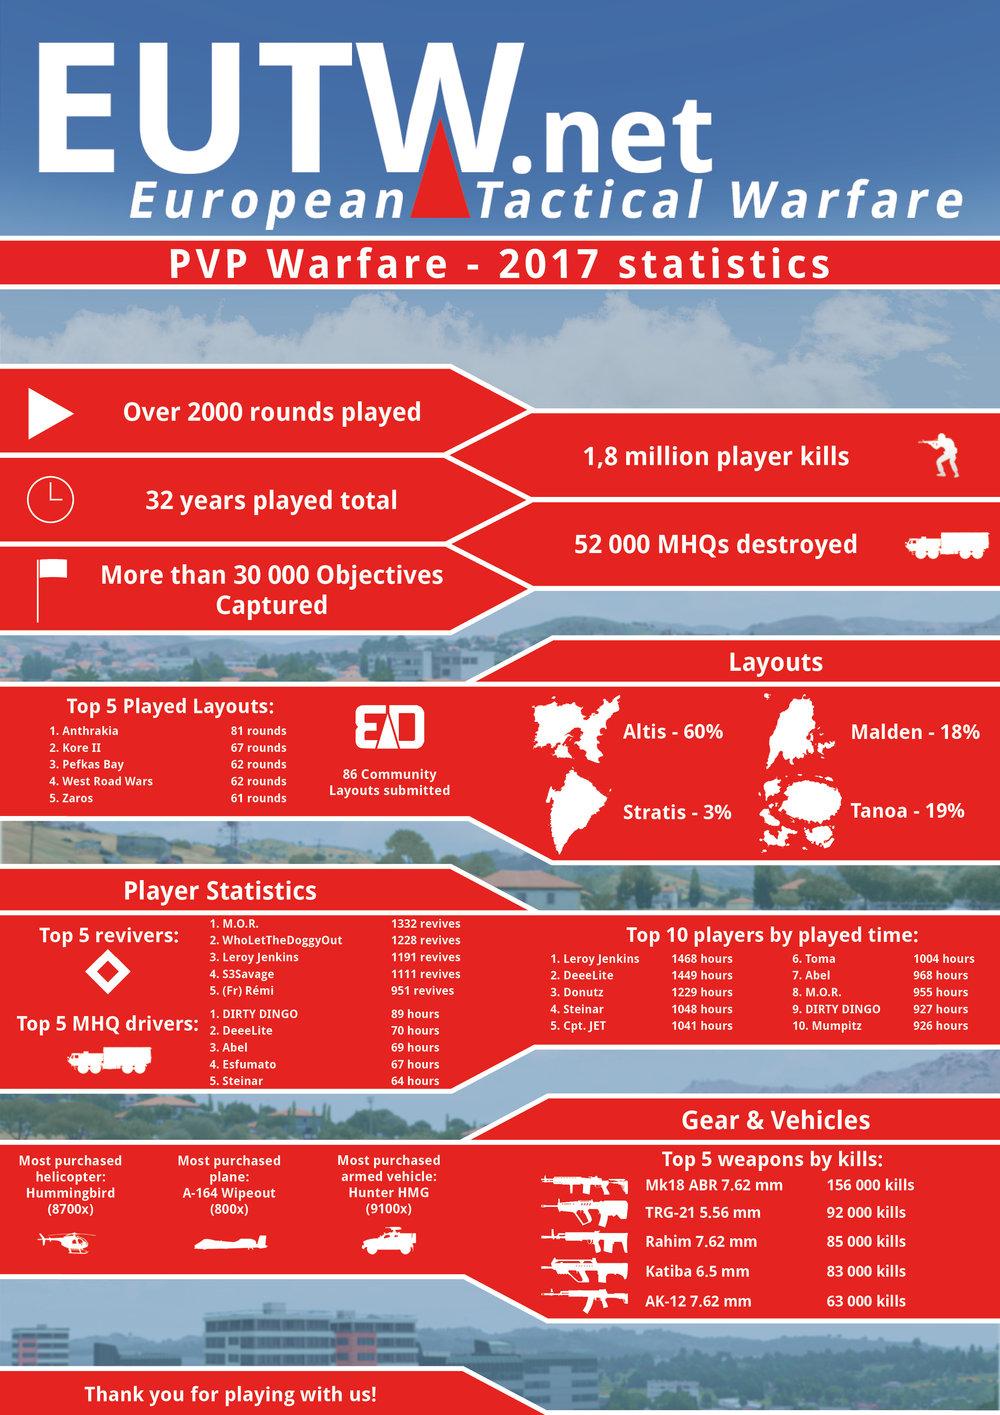 EUTW_2017_infographic.jpg